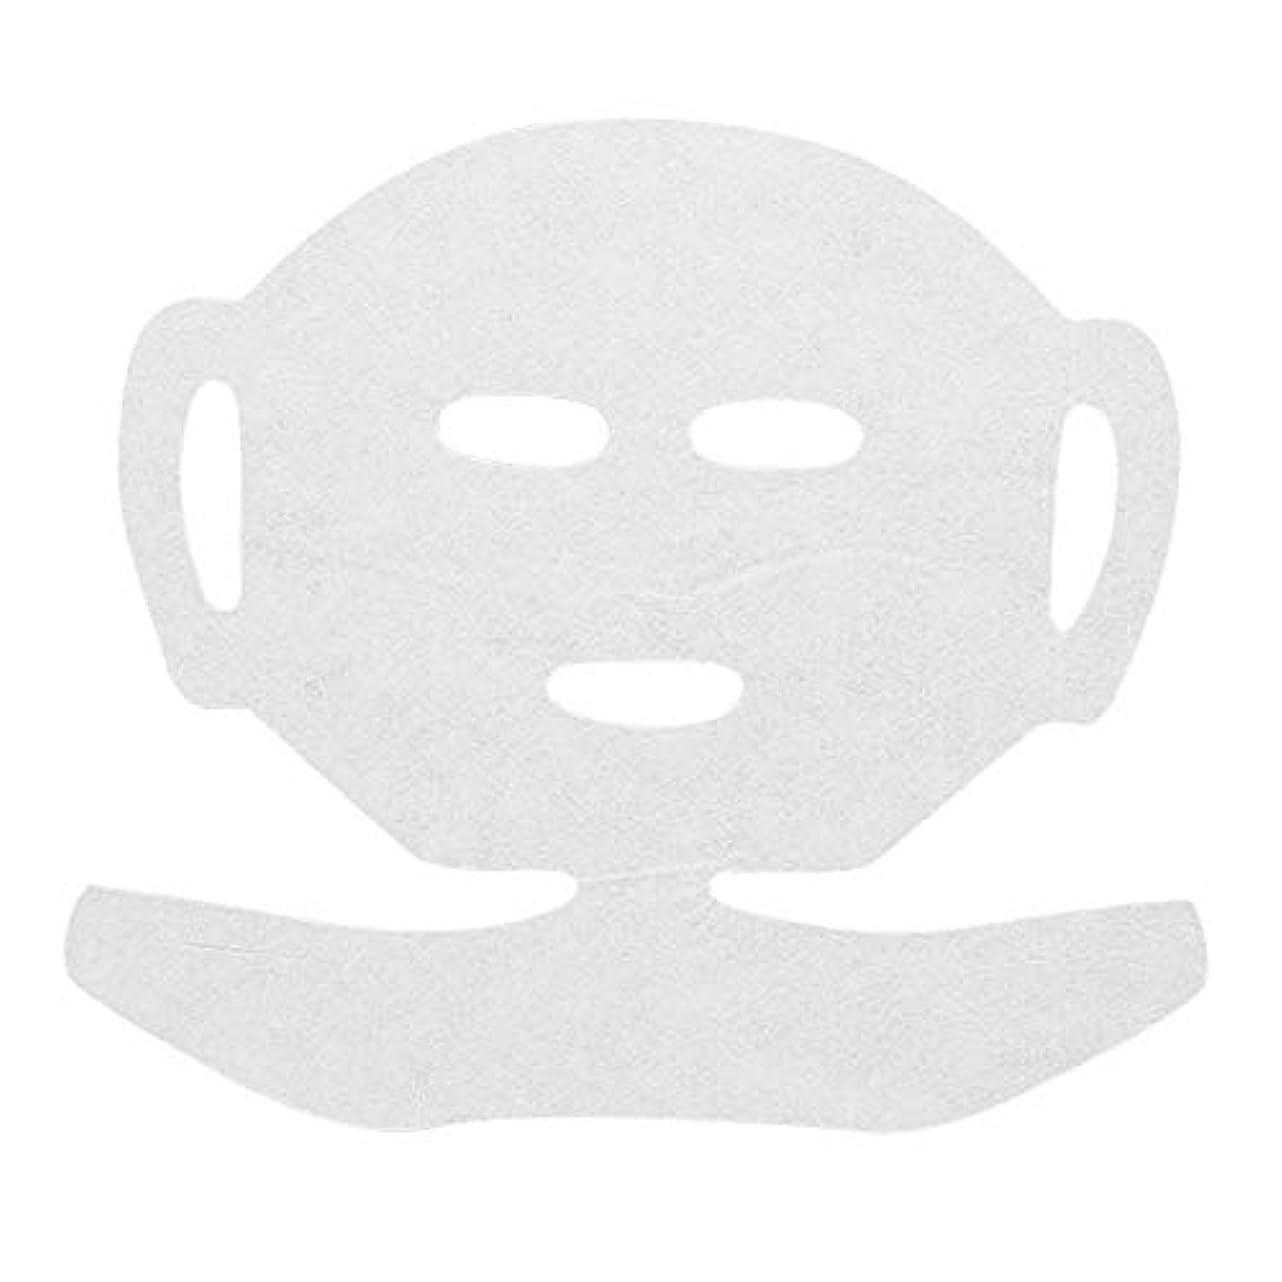 変数流星口高保水 フェイシャルシート (マスクタイプネック付き 化粧水無し) 80枚 29×20cm [ フェイスマスク フェイスシート フェイスパック フェイシャルマスク シートマスク フェイシャルシート フェイシャルパック ローションマスク...